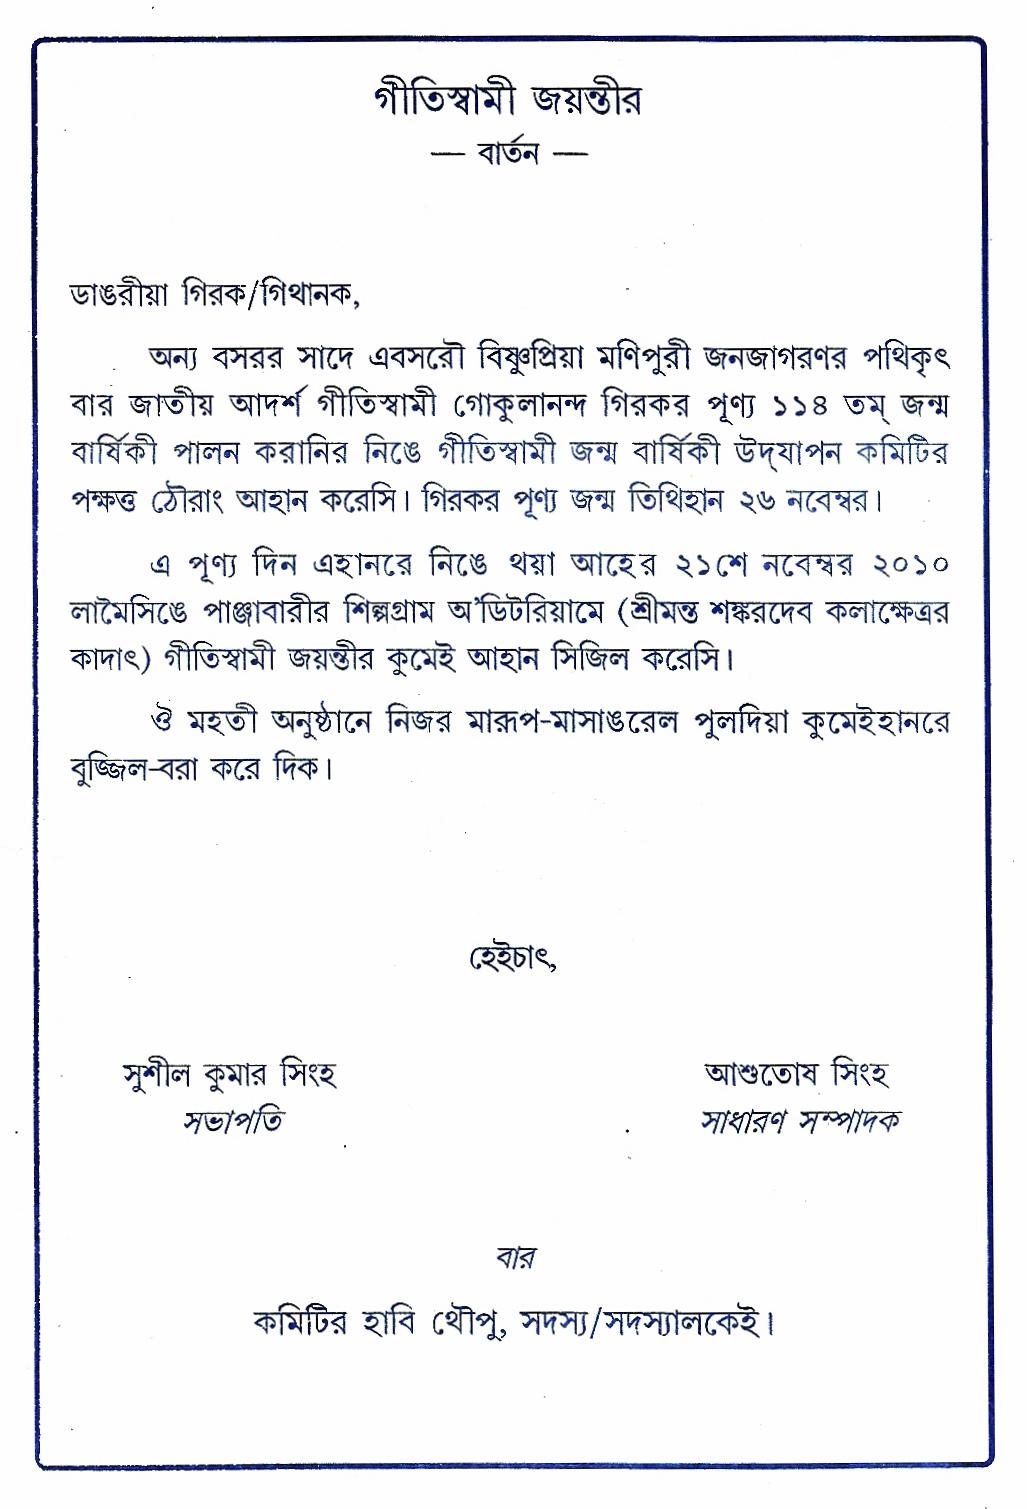 Bishnupriya manipuri online 011110 011210 programme details is as under stopboris Choice Image